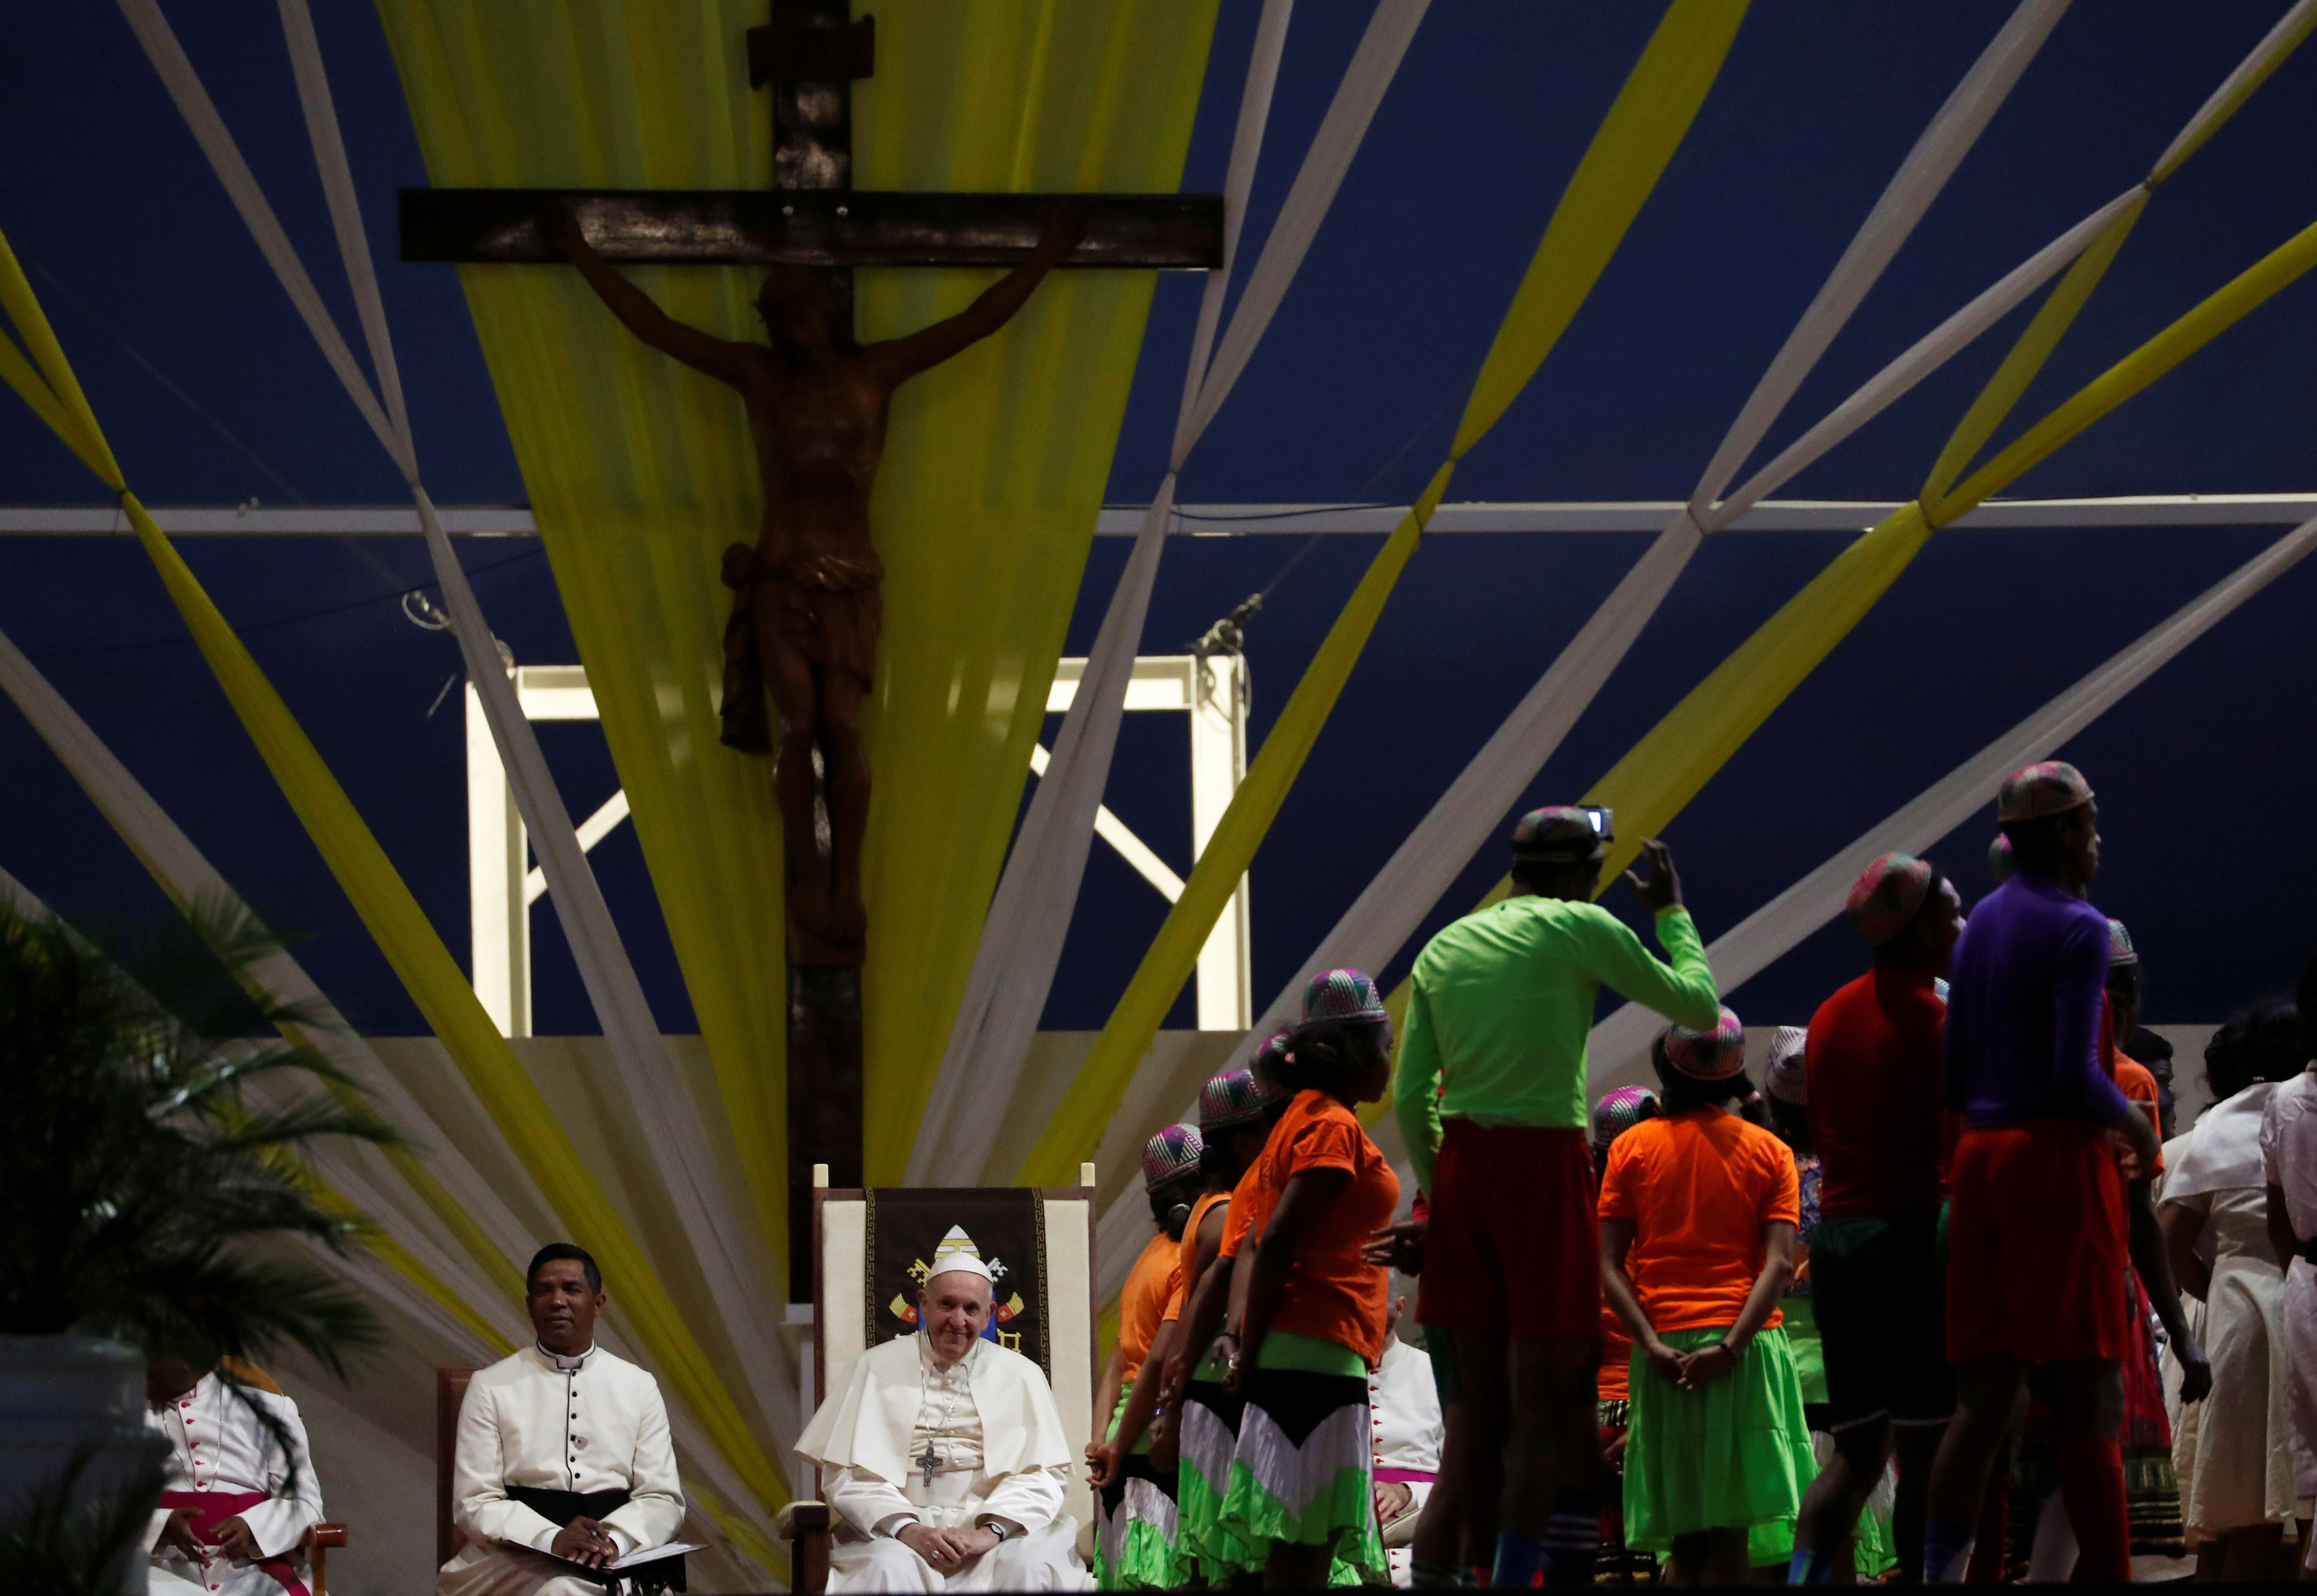 Pope Francis attends a prayer vigil with youth at the Soamandrakizay Mess site in Antananarivo, Madagascar, September 7, 2019. REUTERS/Yara Nardi